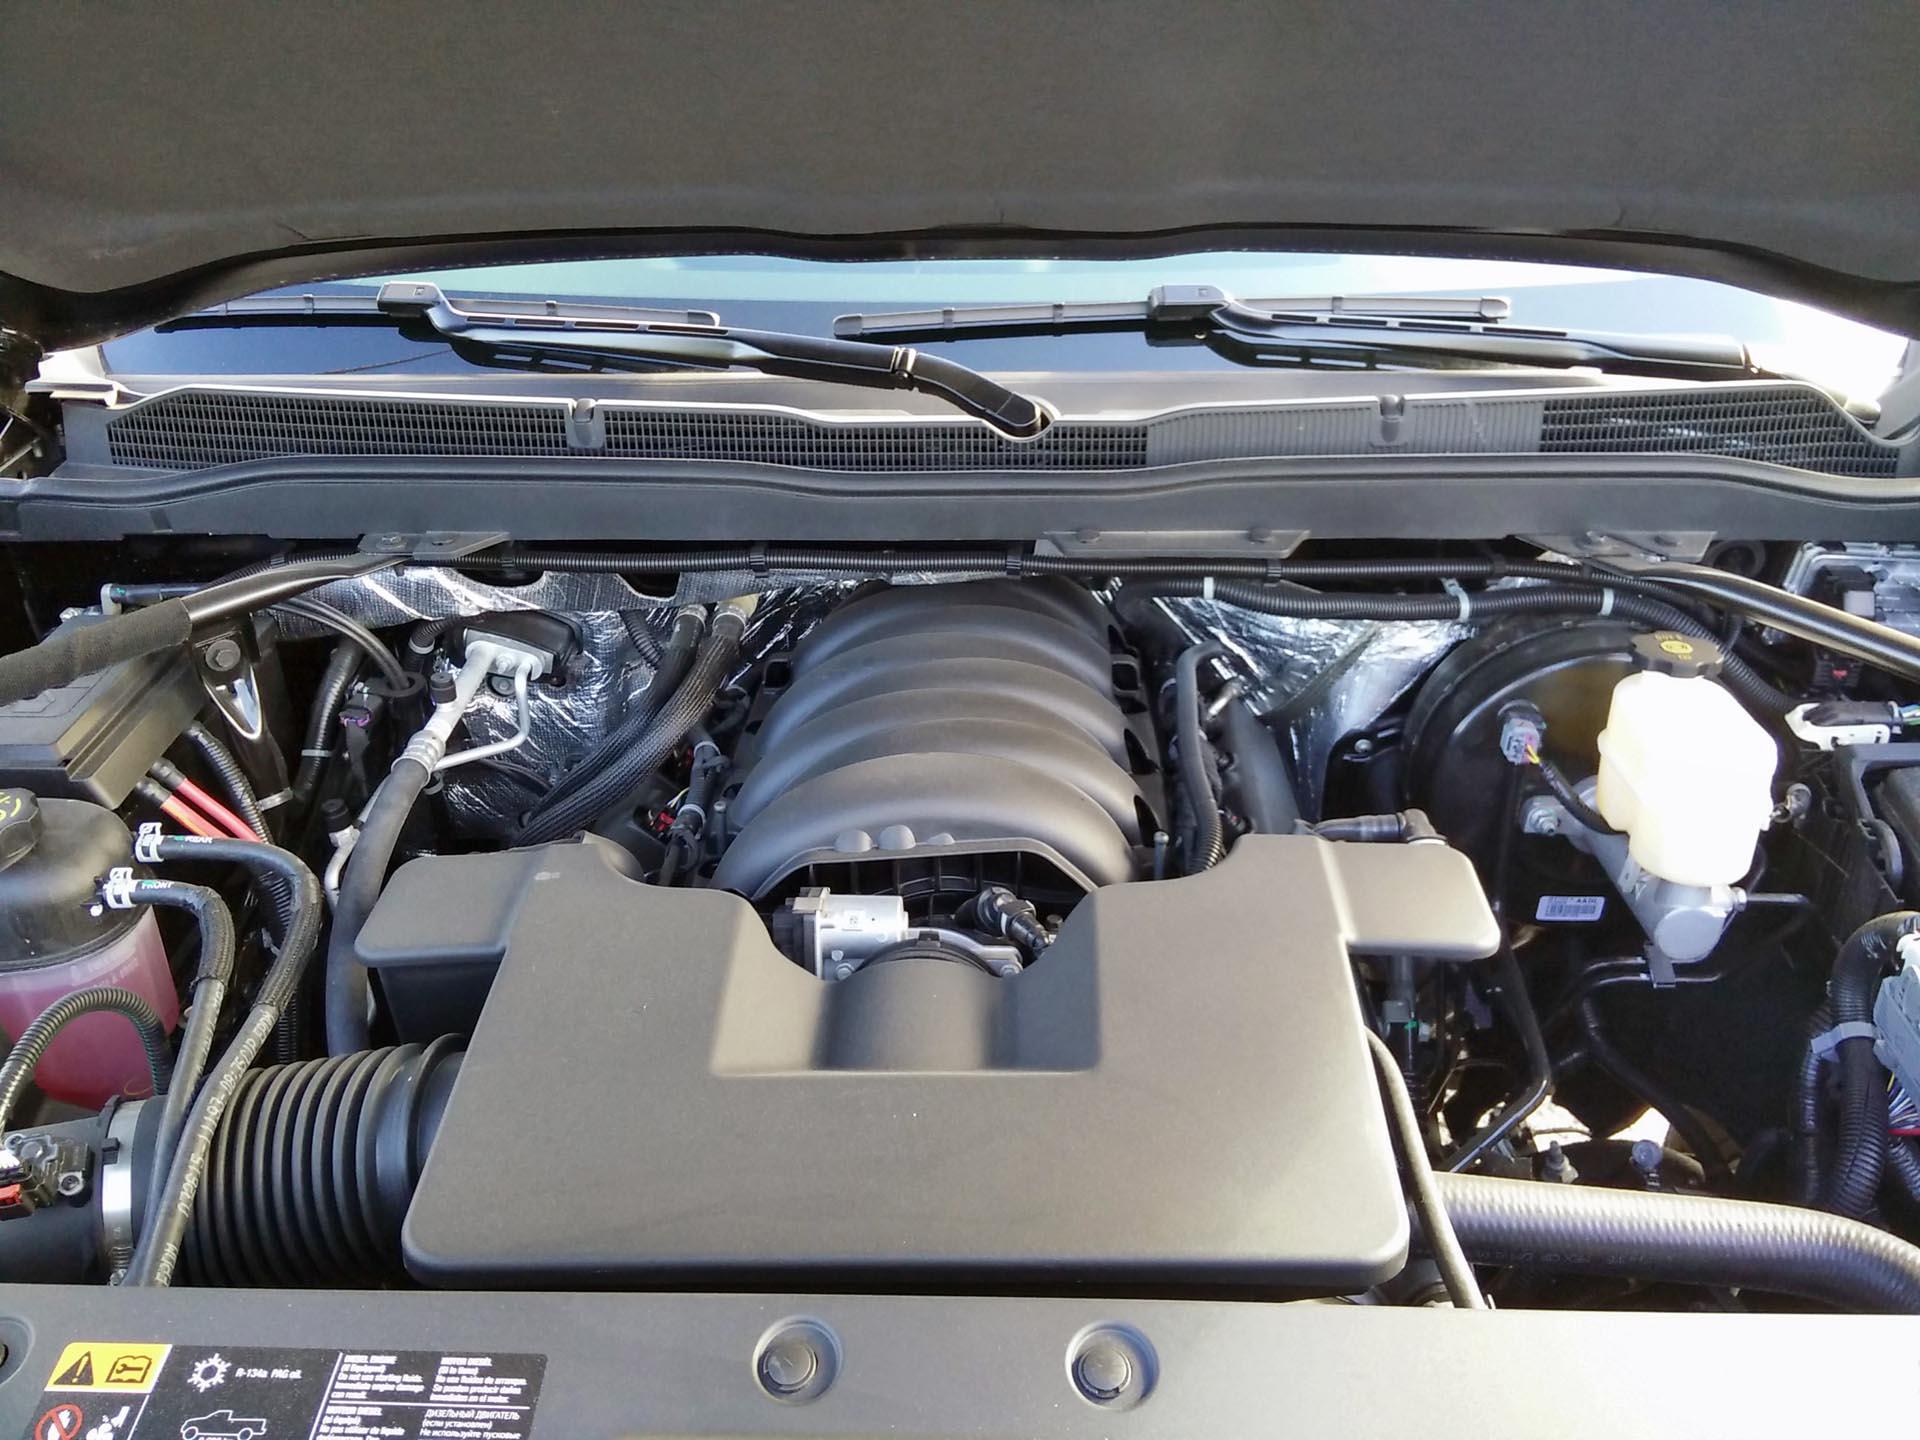 2004 dodge 2 7 engine diagram 49cc parts besides chrysler sebring